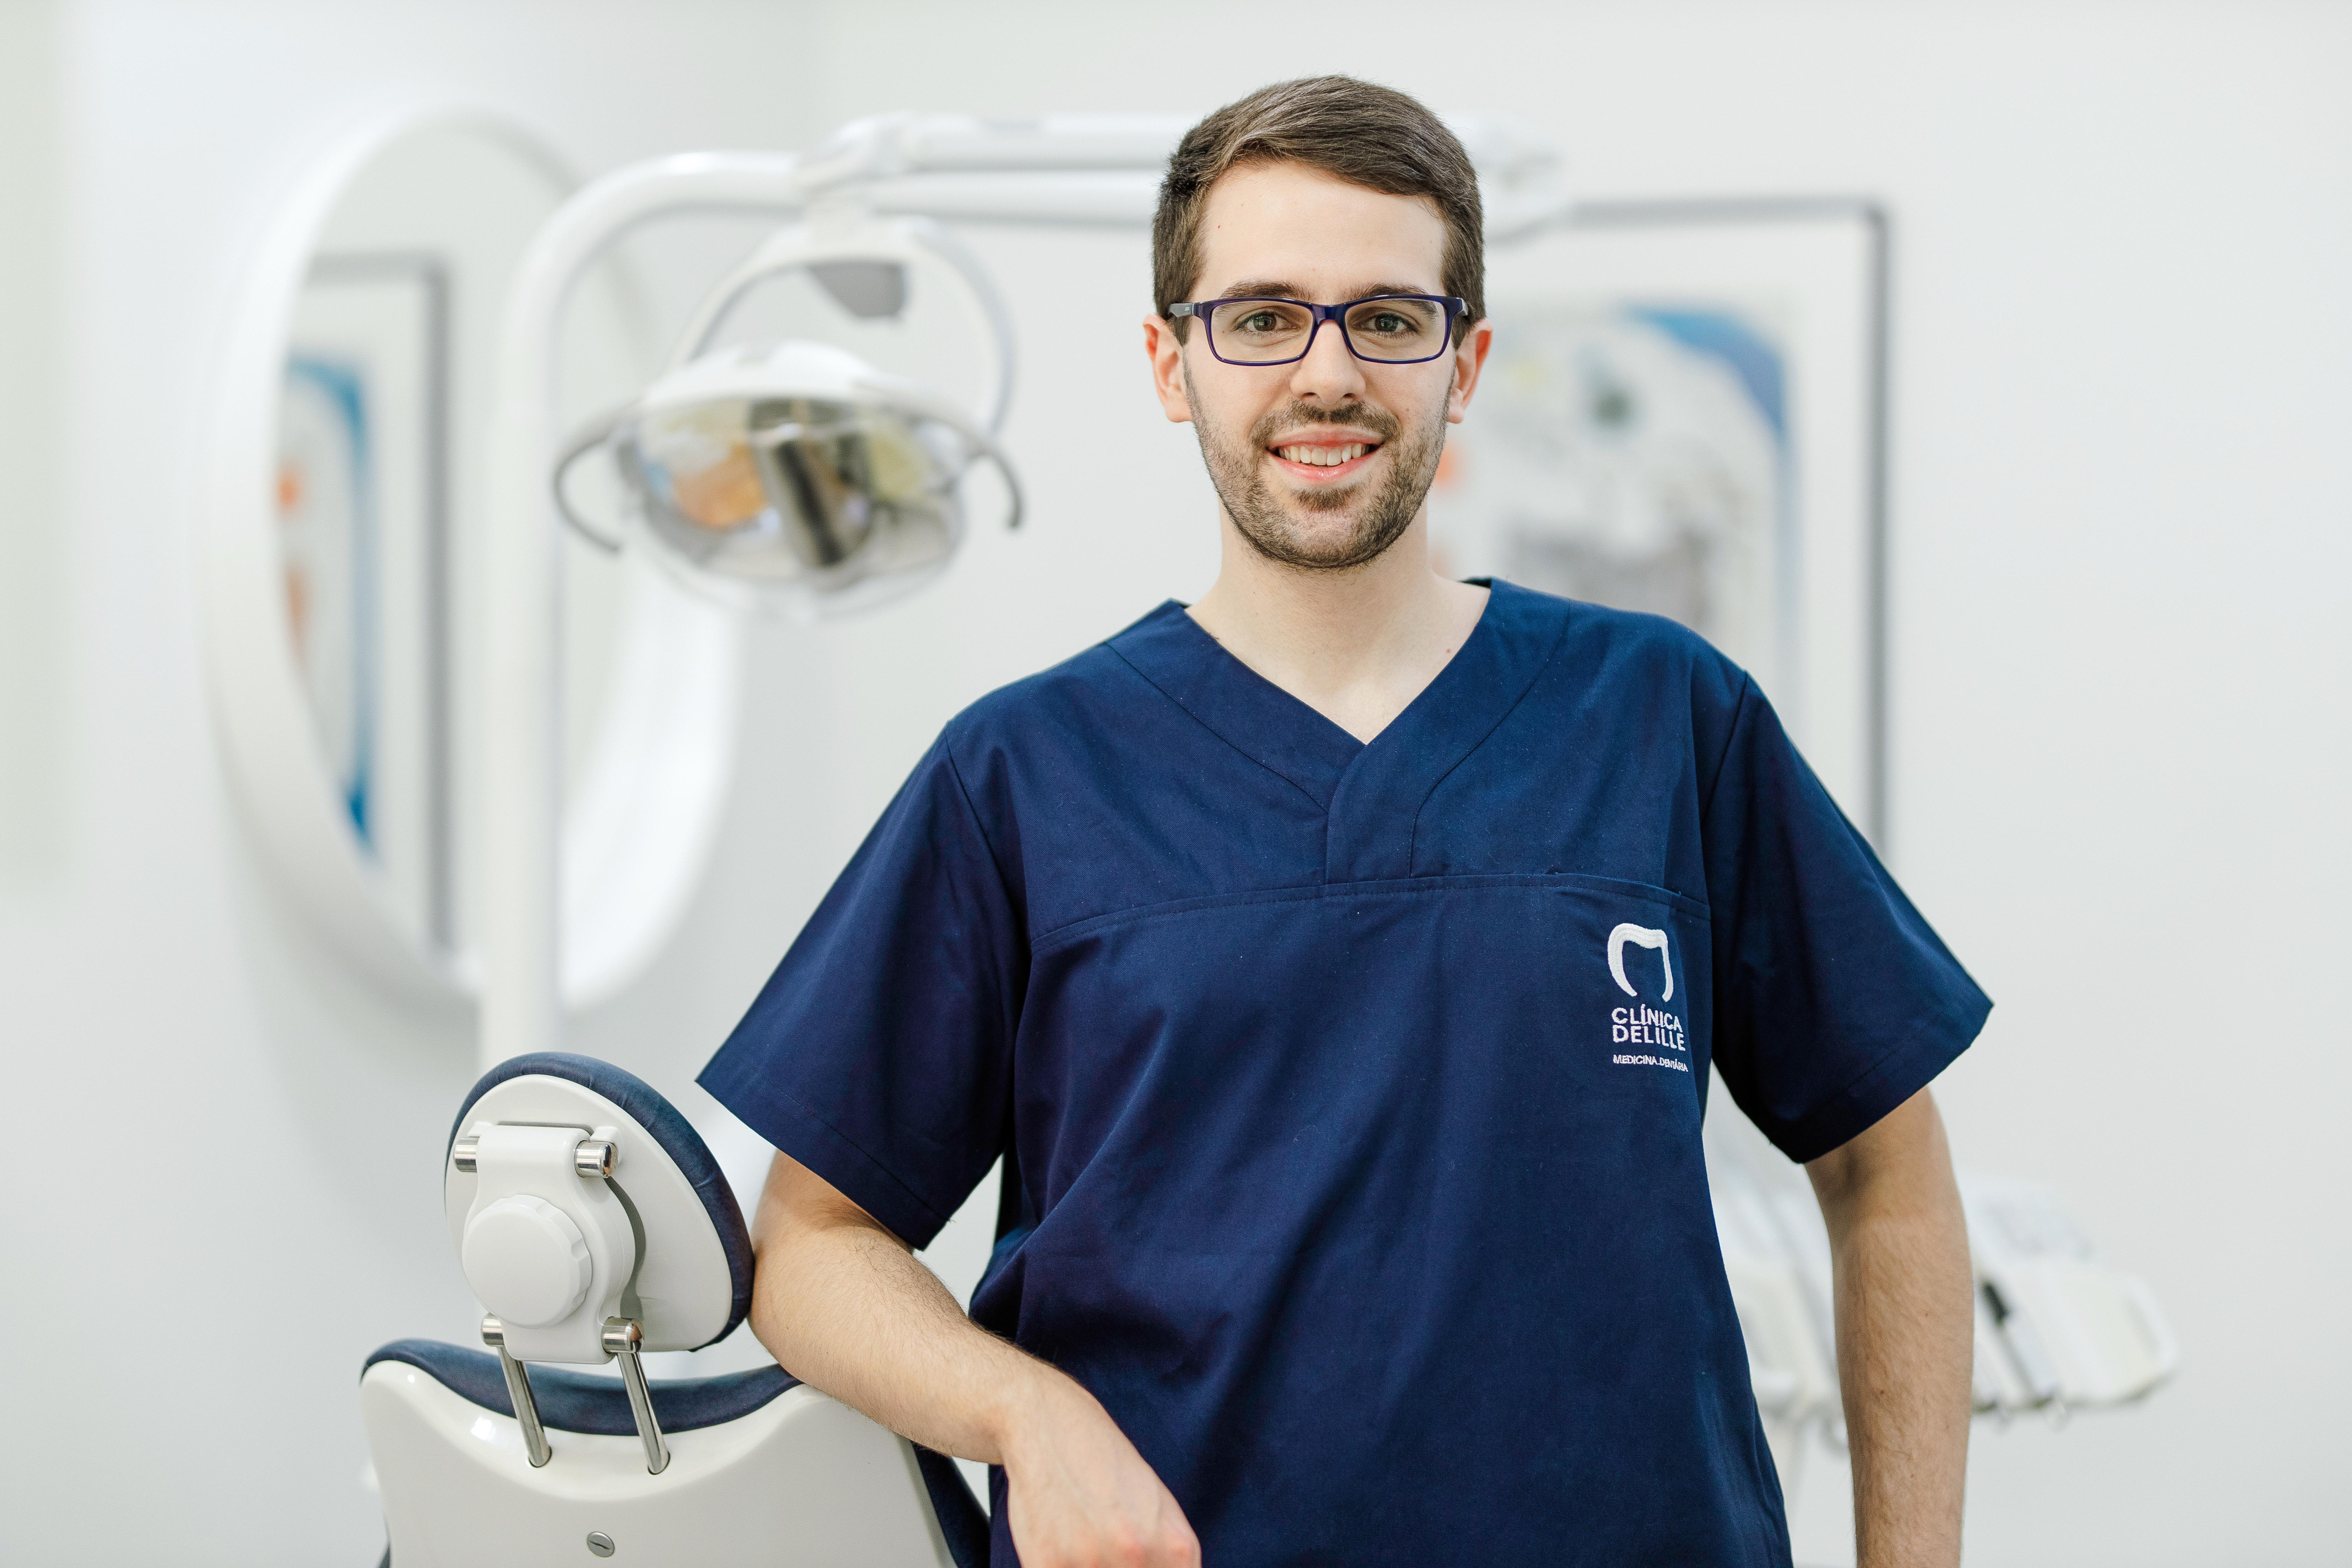 Dr. Diogo Caetano